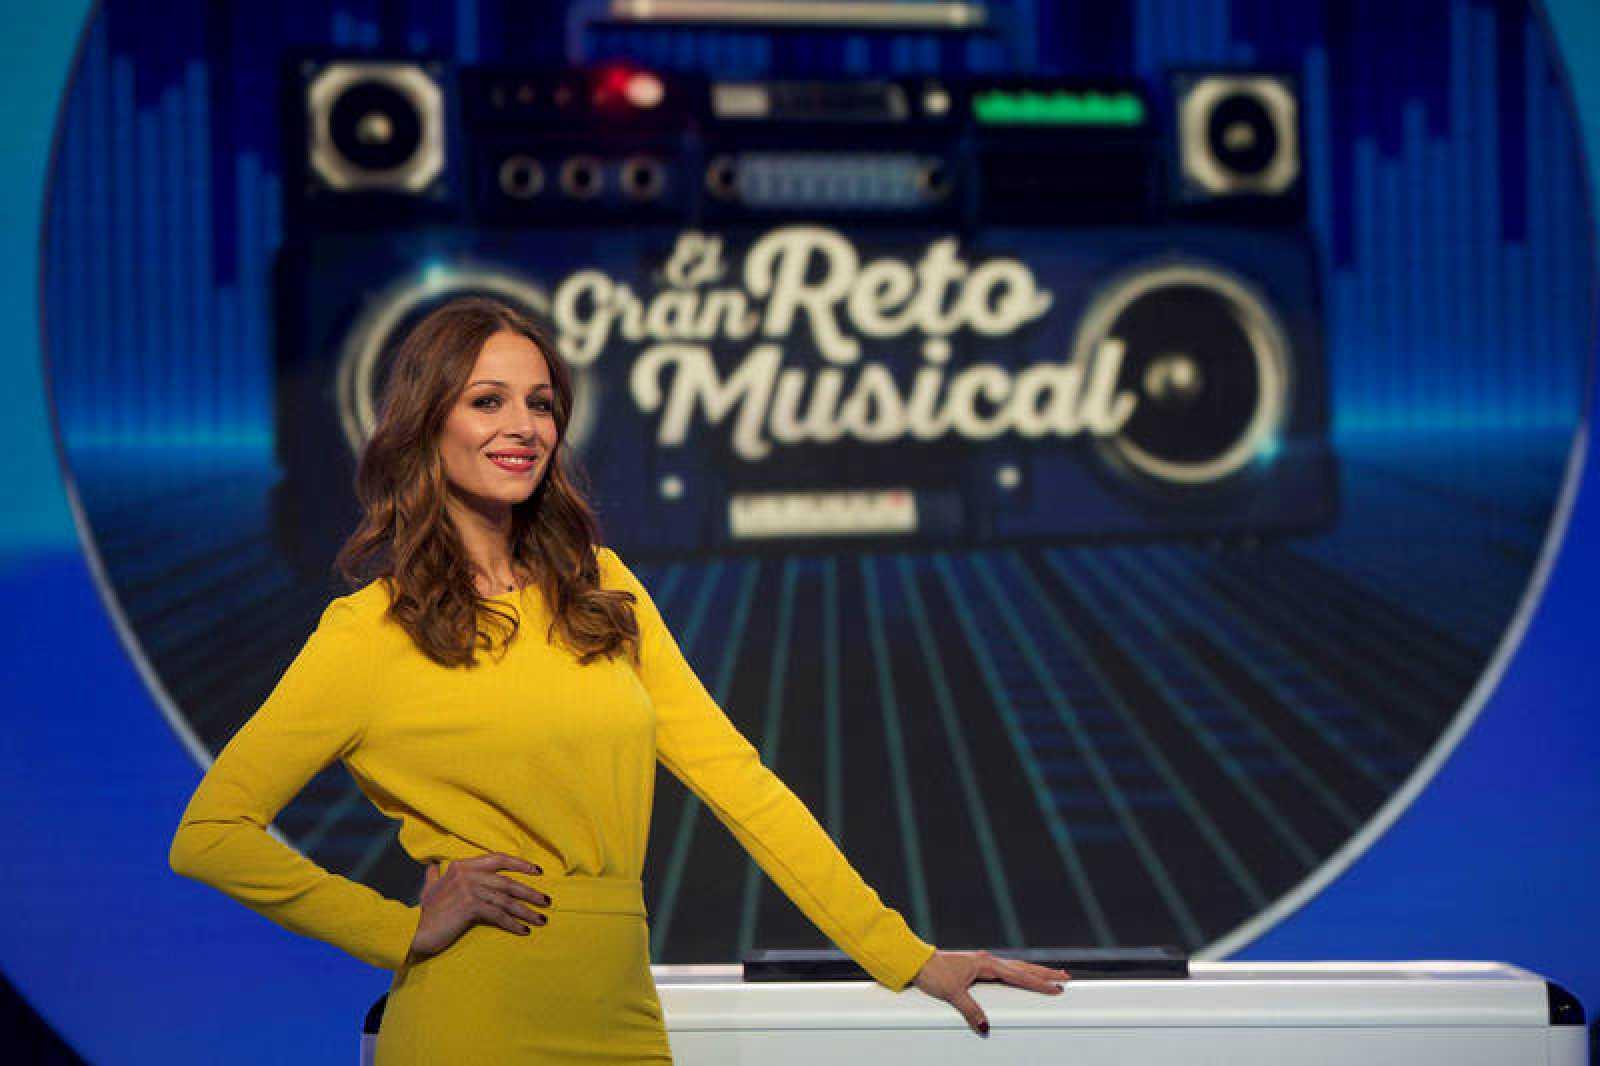 Música, competición y humor, con Eva González